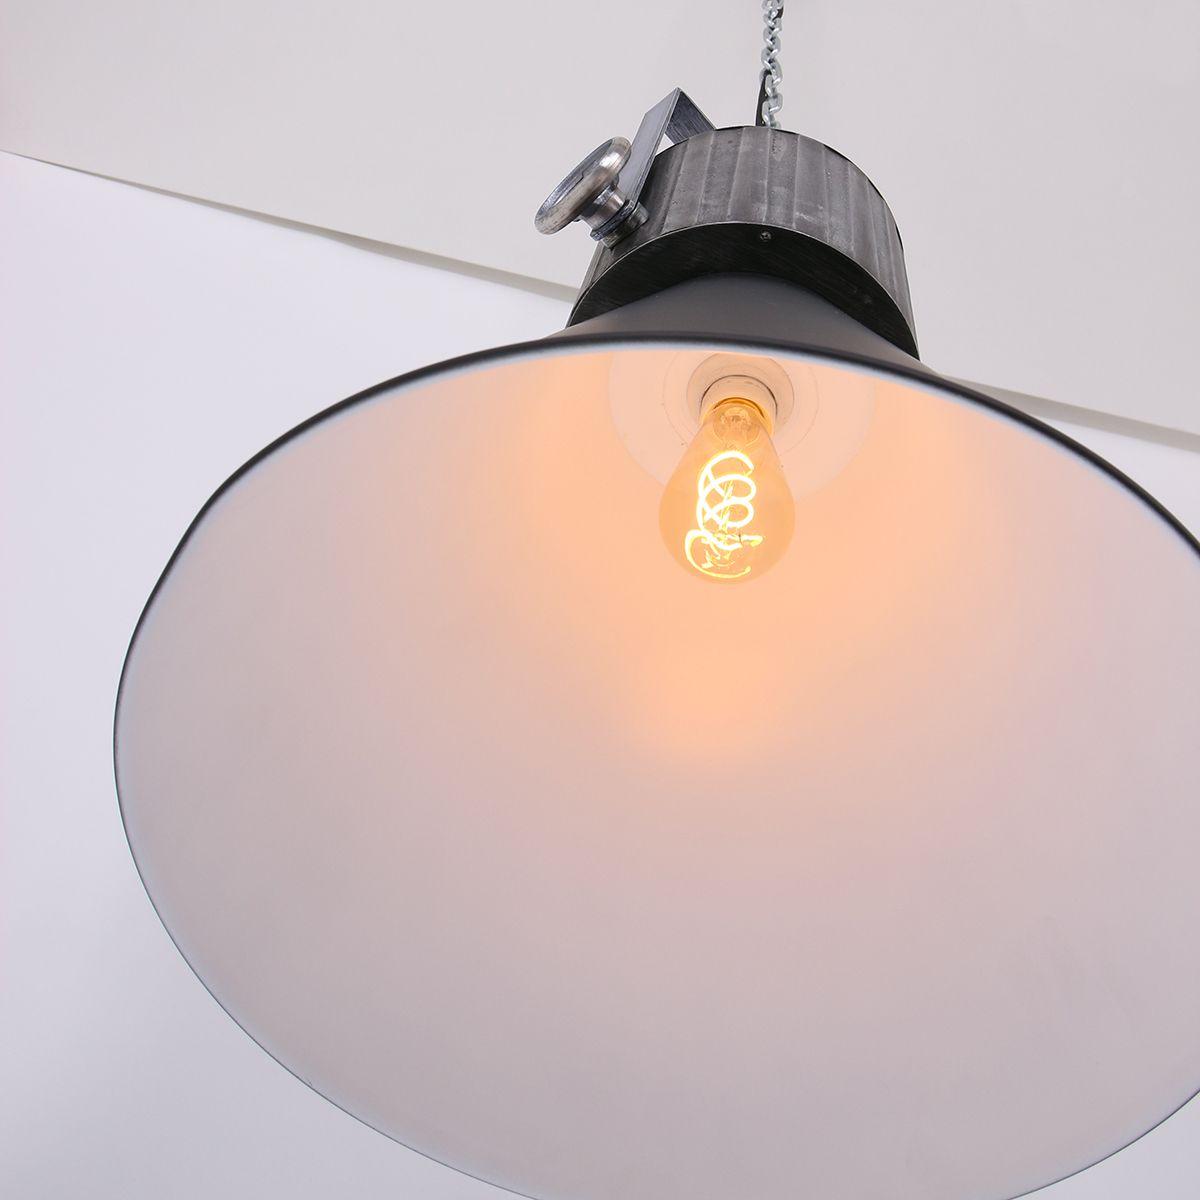 cd168f87cd74f7 Verlichting bestelt u snel en betrouwbaar online bij de grootste online  specialist in verlichting van Nederland. Verlichtingspecialist heeft ook  3000 m2 ...